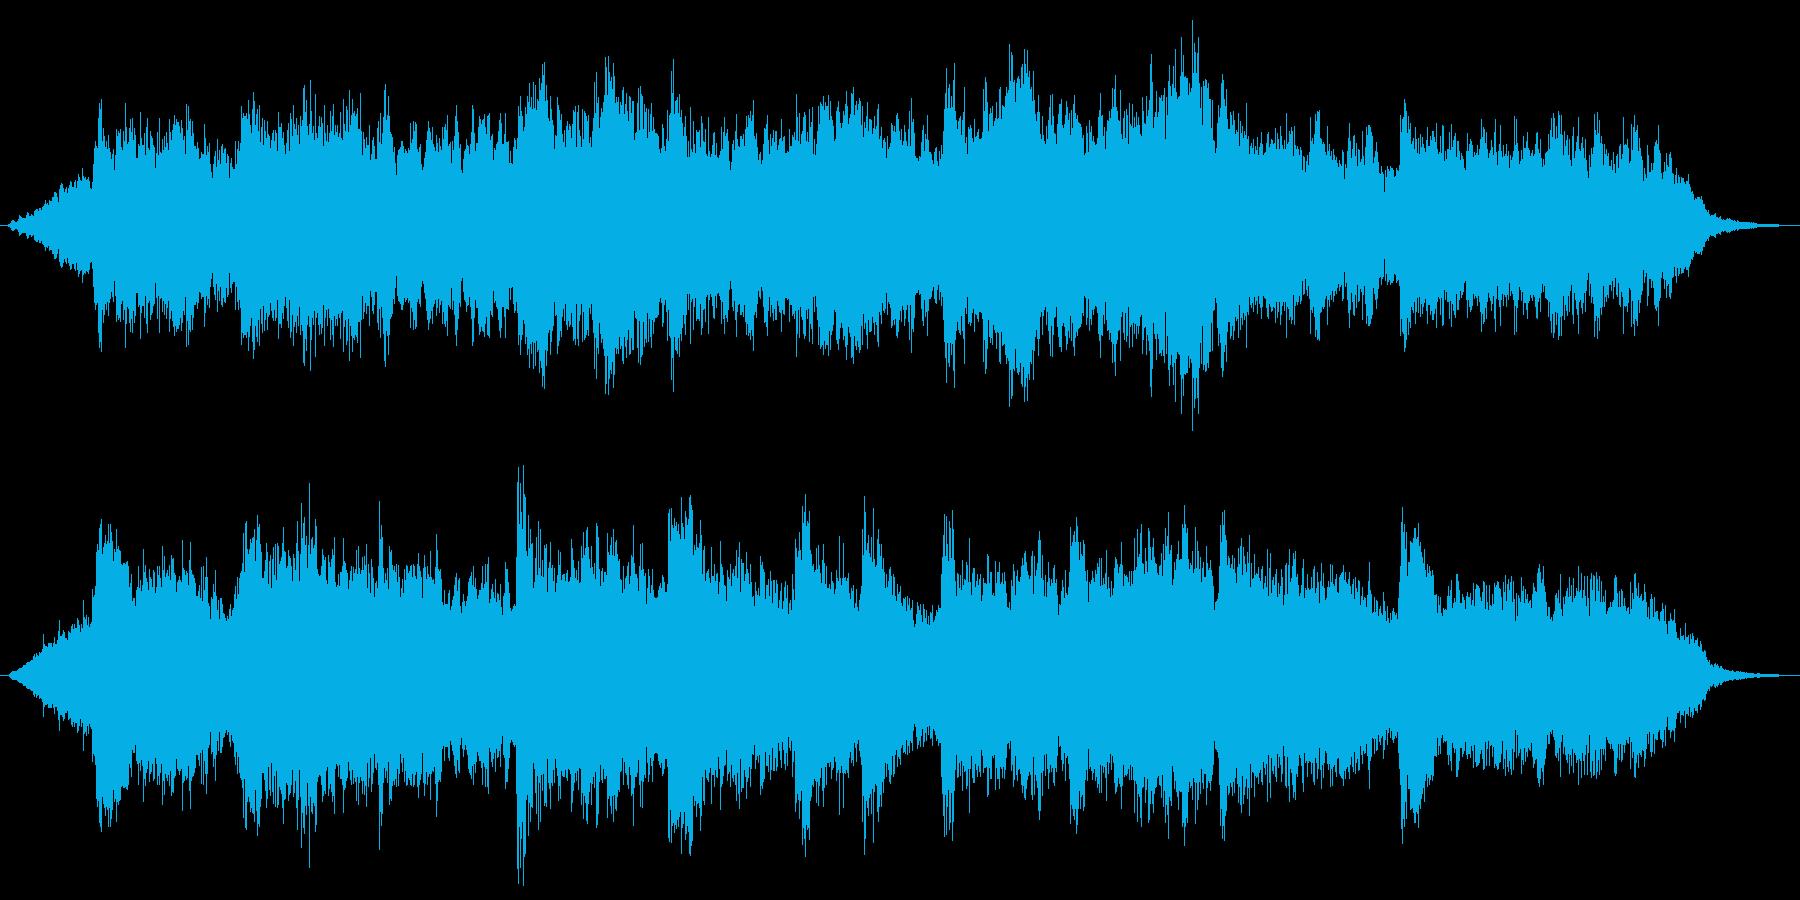 哀愁 悲しみ ストリングスの再生済みの波形